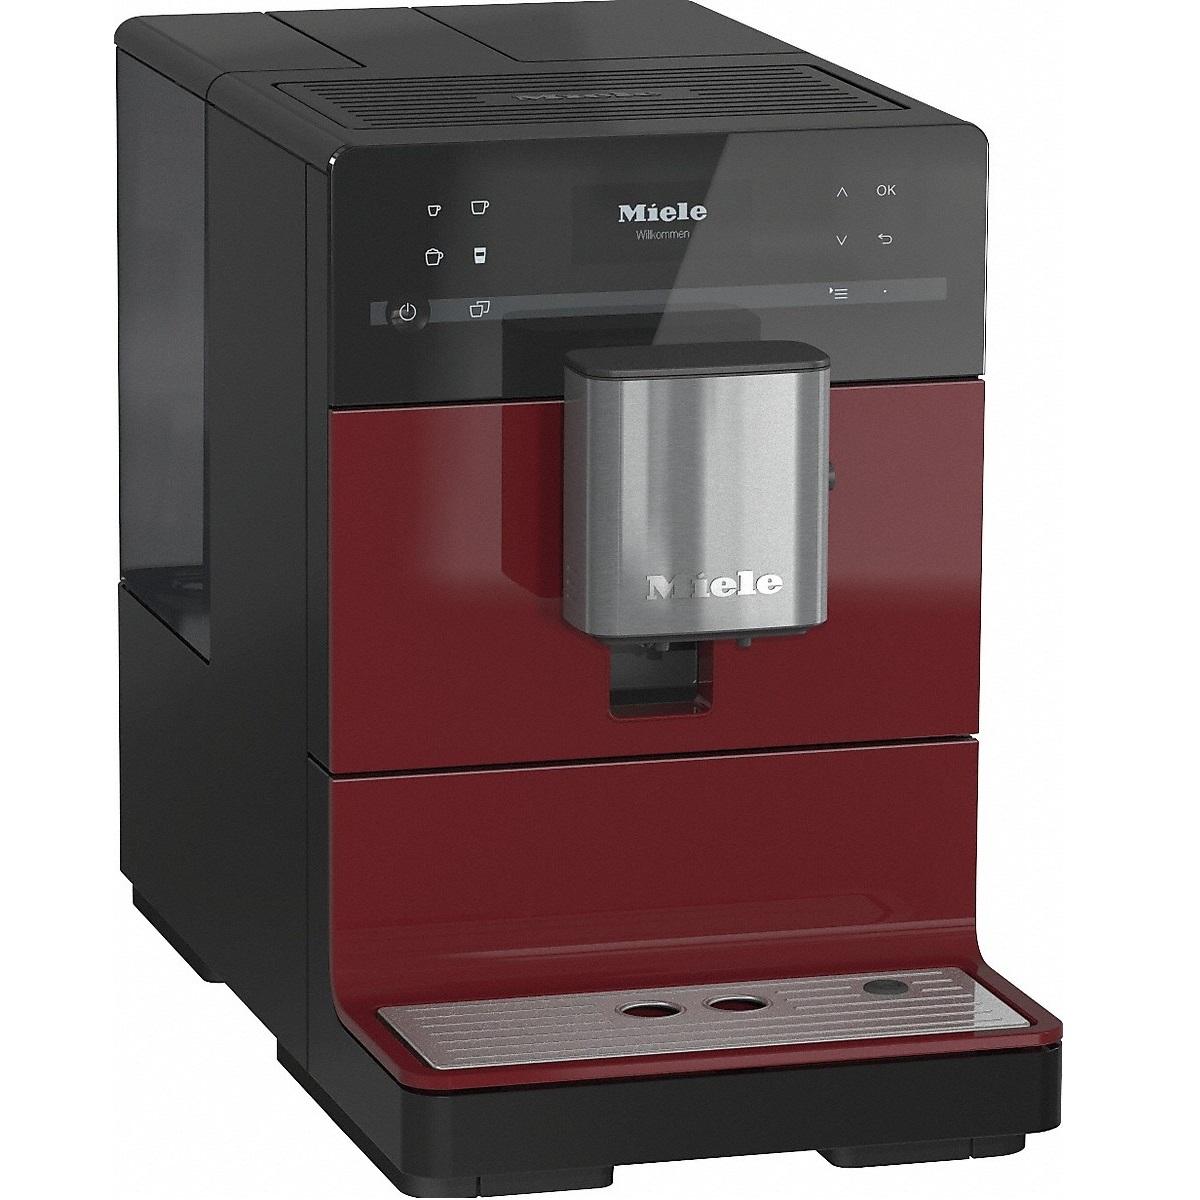 Miele kafe aparat CM 5300